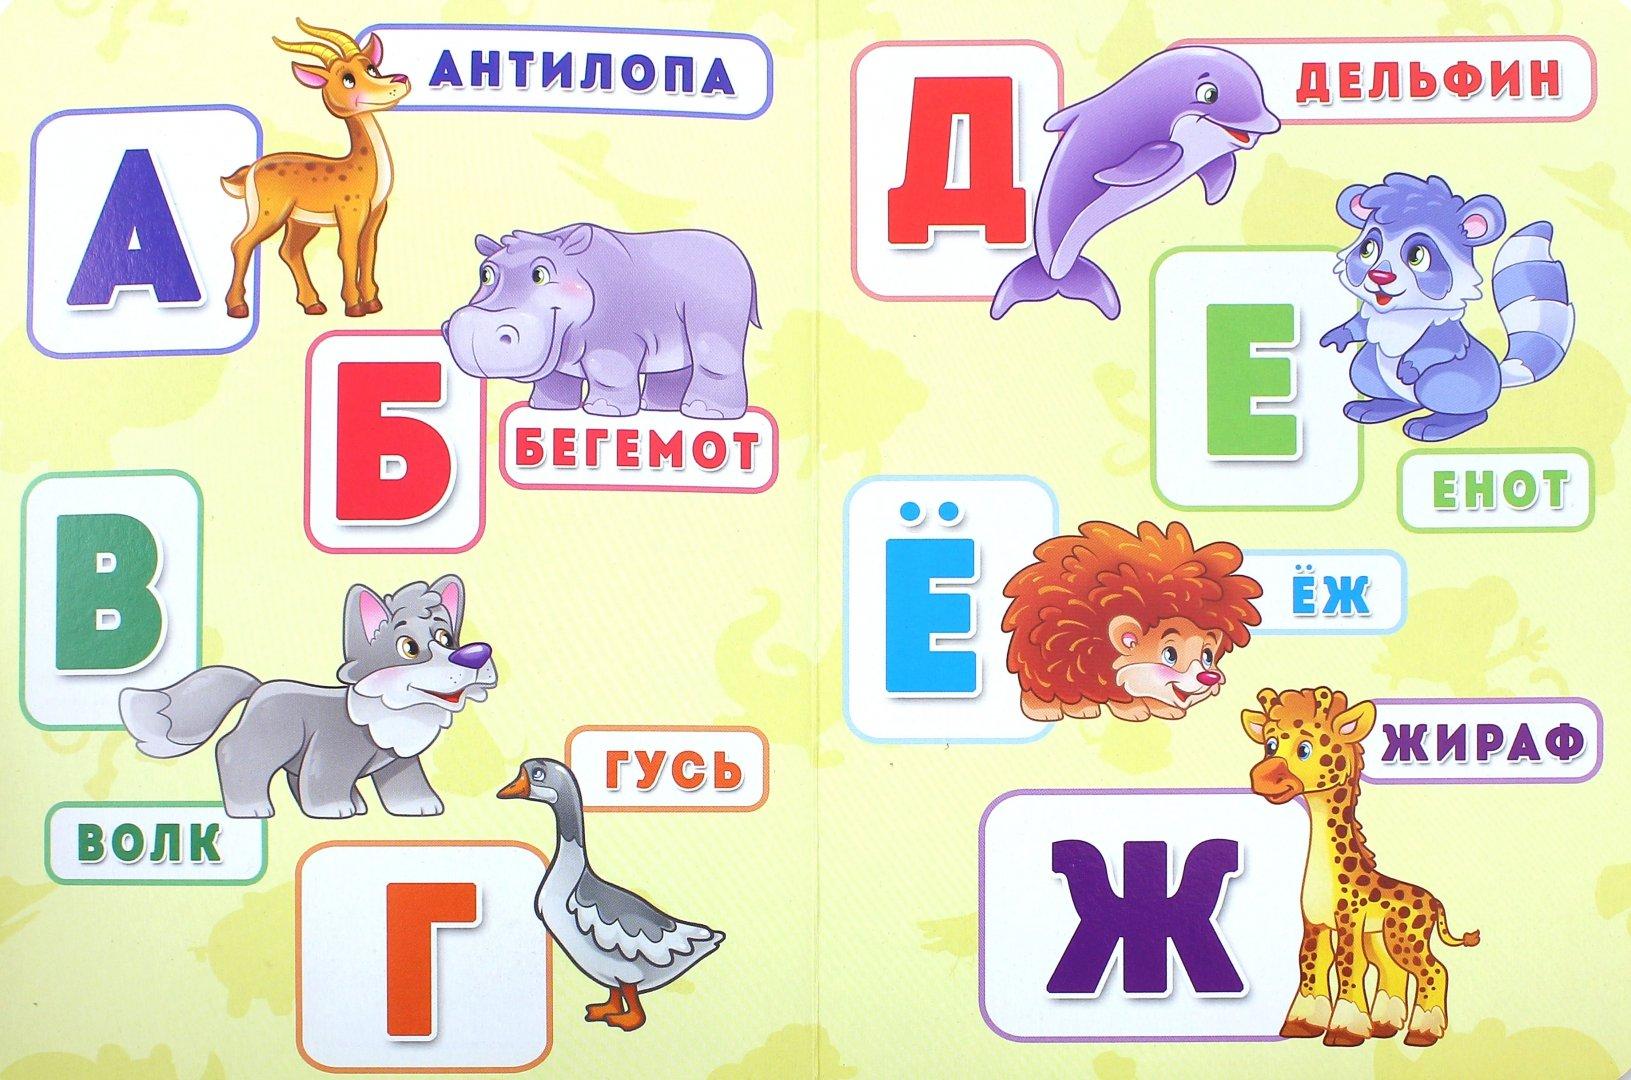 Показать фото всех животных в алфавитном порядке